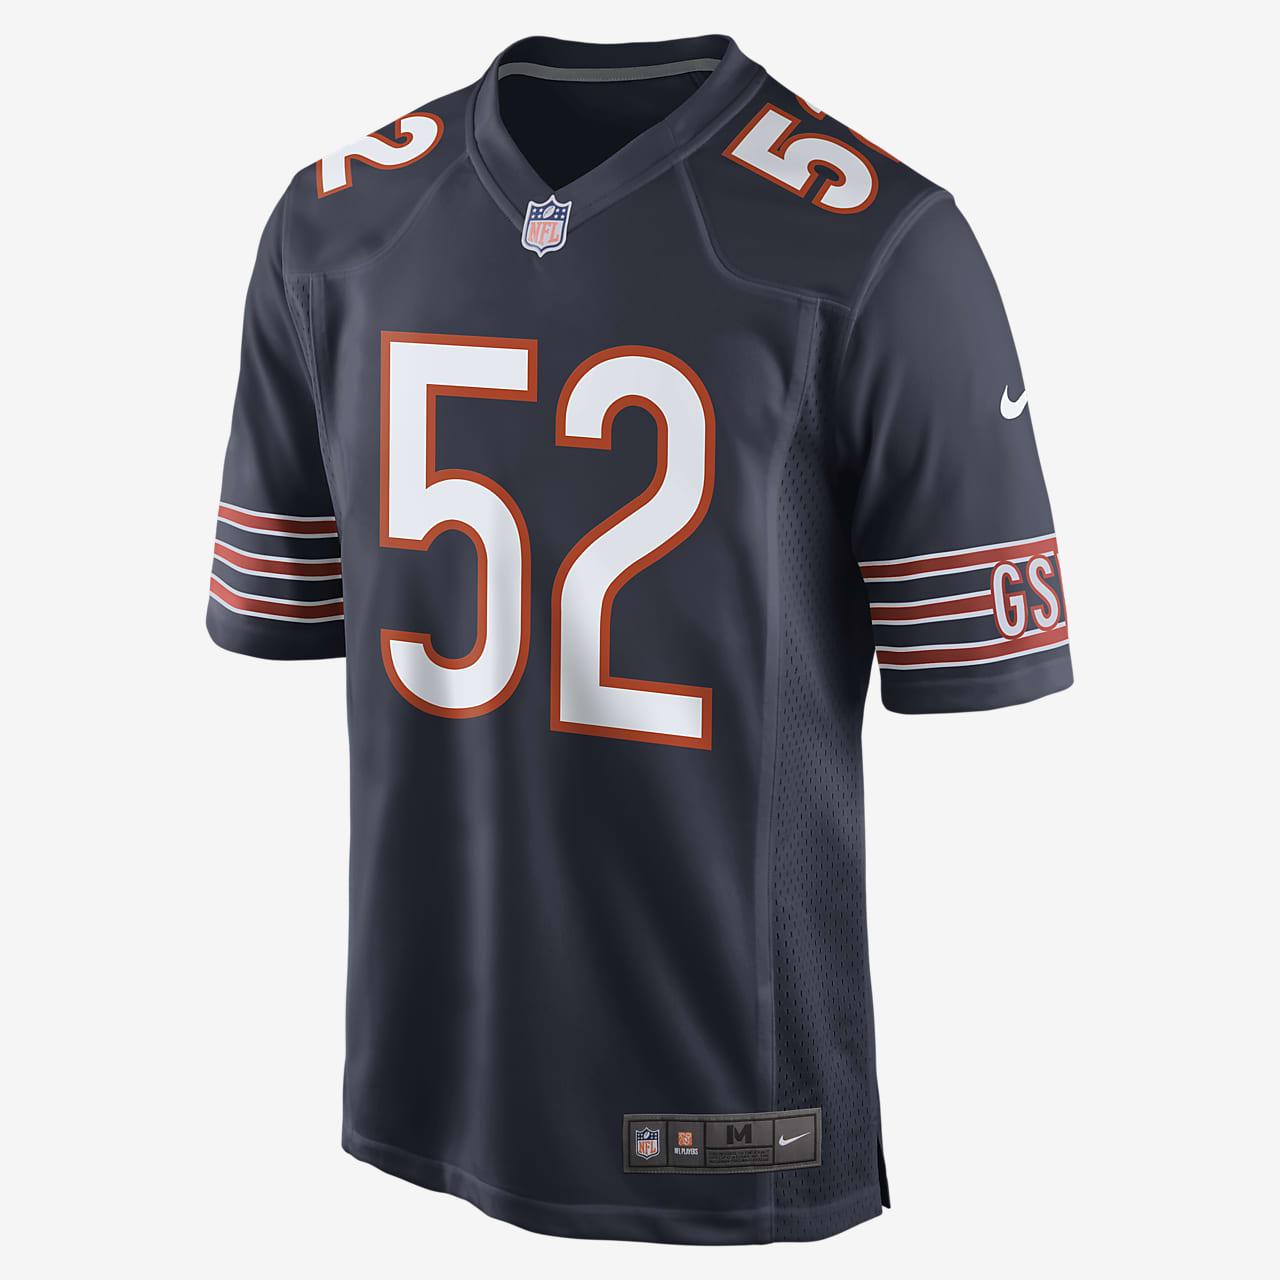 NFL Chicago Bears spillerdrakt for amerikansk fotball til herre